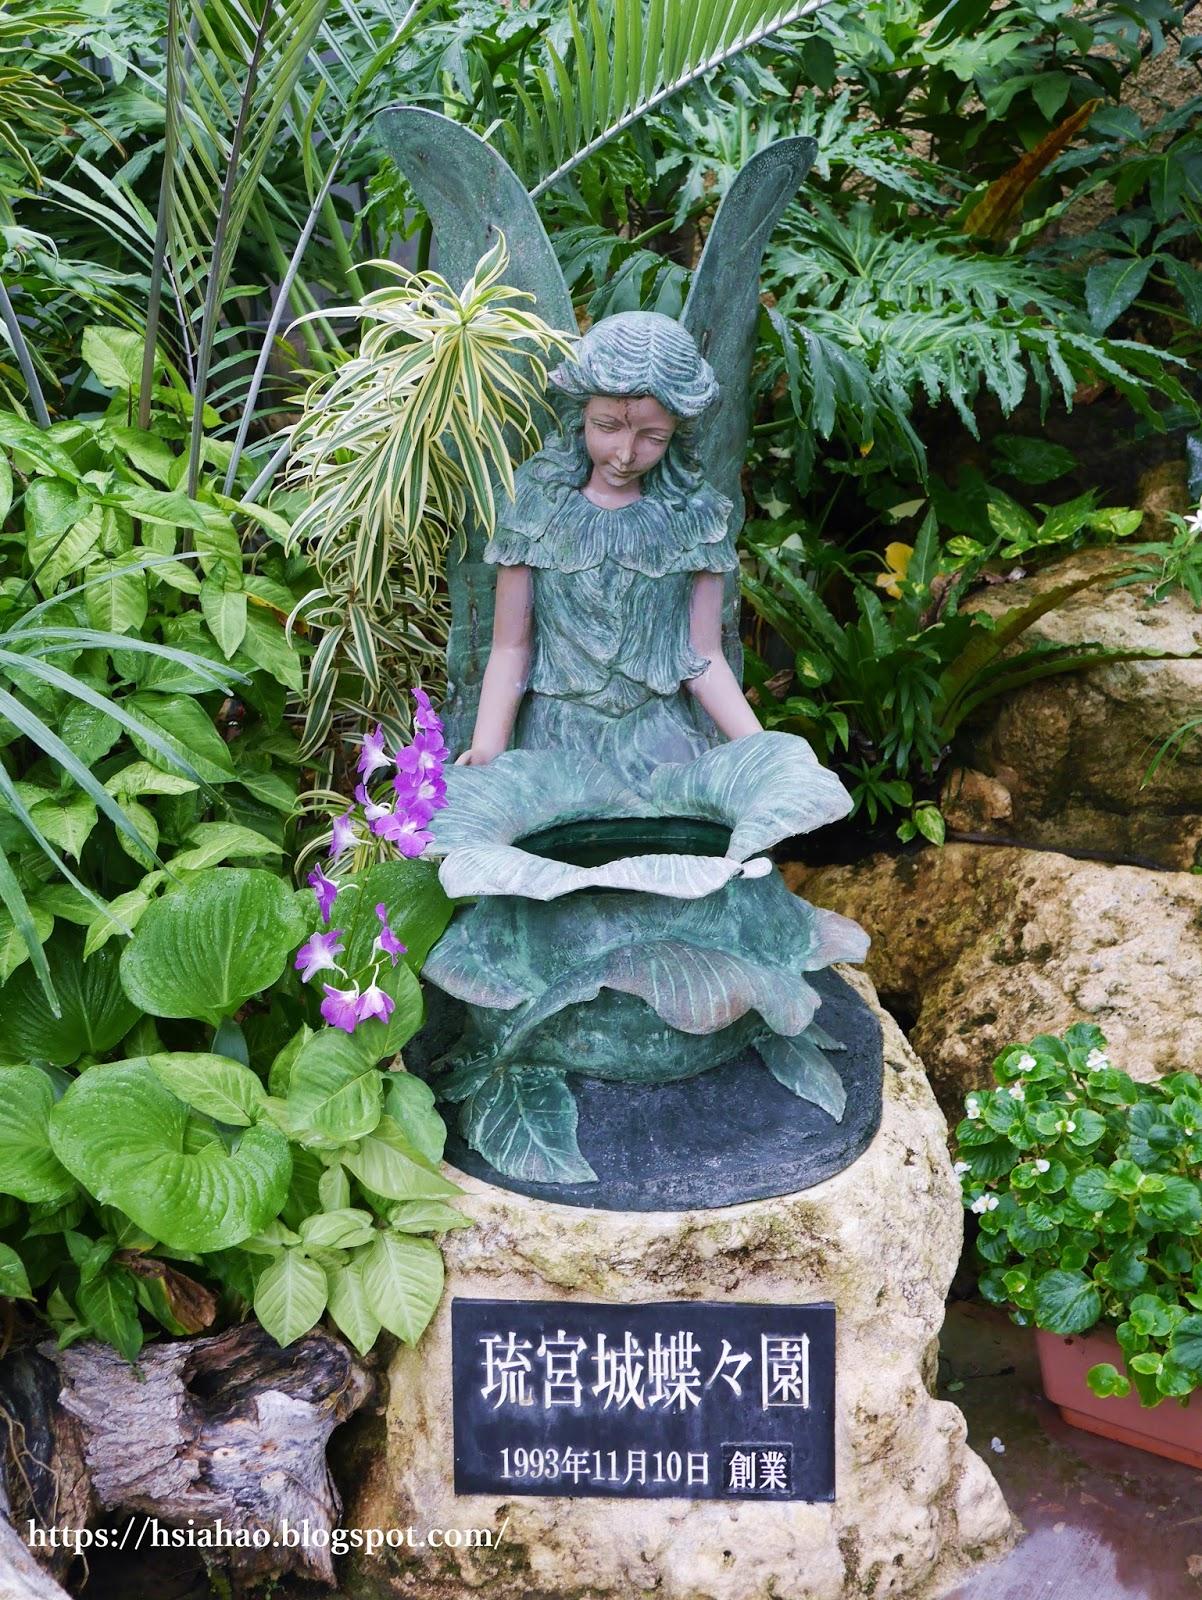 沖繩-琉宮城蝴蝶園-琉宮城蝶々園-海洋博公園景點-自由行-旅遊-旅行-okinawa-ocean-expo-park